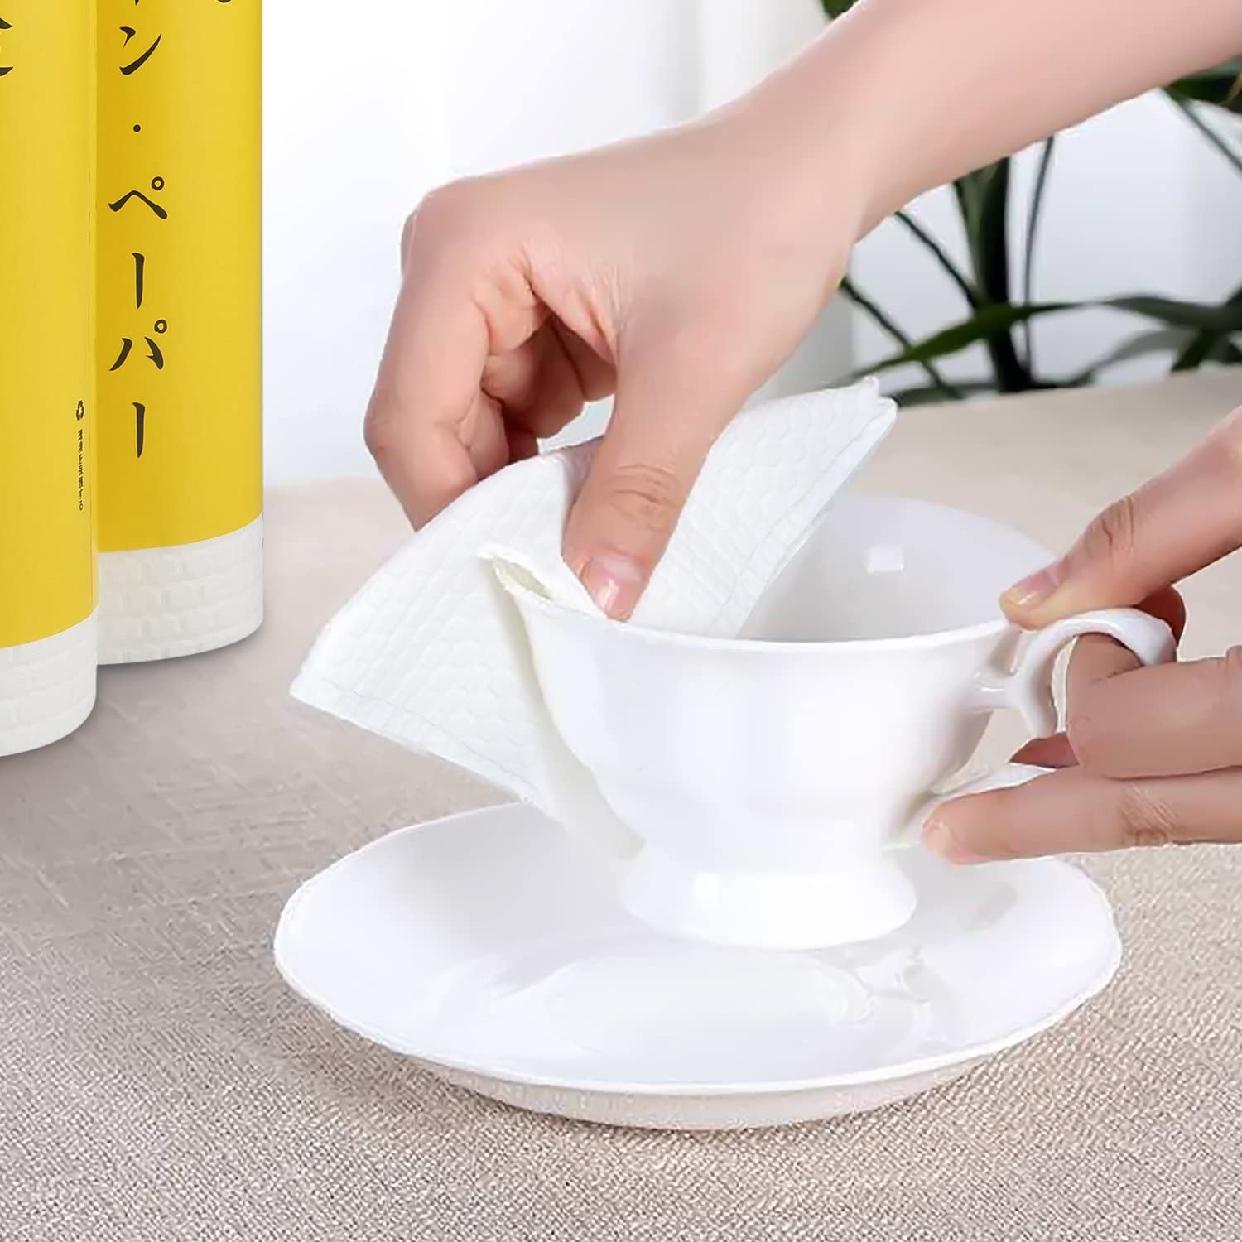 Triclean(トリクリーン) キッチンペーパー キッチンタオル 40カット×3ロールの商品画像5